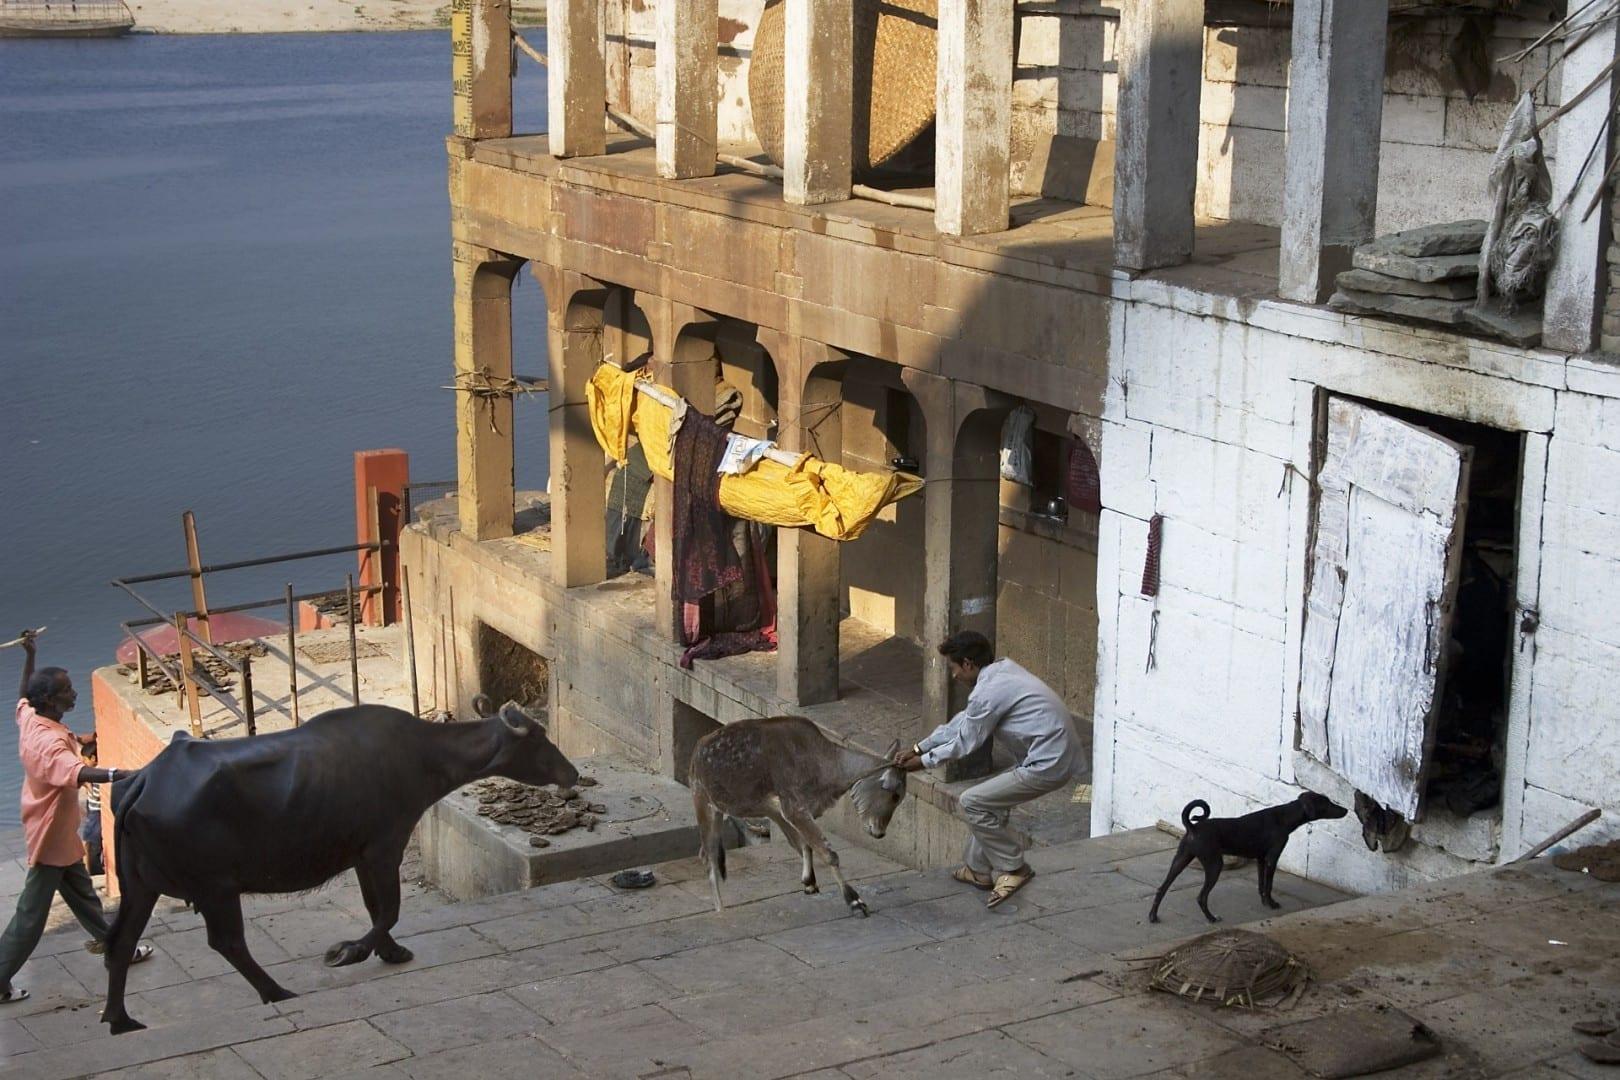 La escena de la calle Varanasi en el Ganges Varanasi / Benares India